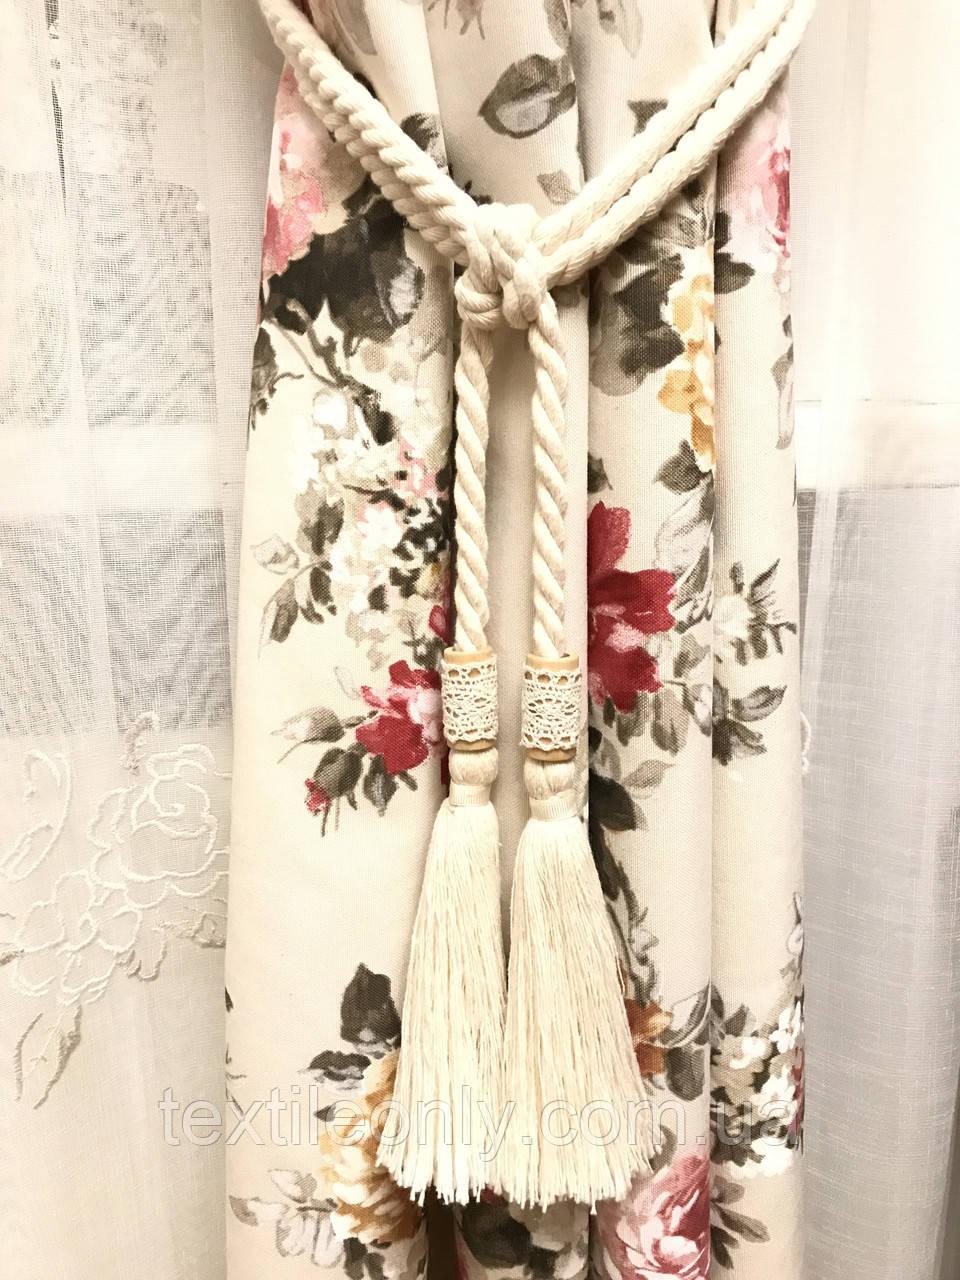 Кисти подхваты для штор цвет белый деревом и кружевом  60 см ручная работа . - Интернет-магазин тканей и фурнитуры Textileonly в Харькове